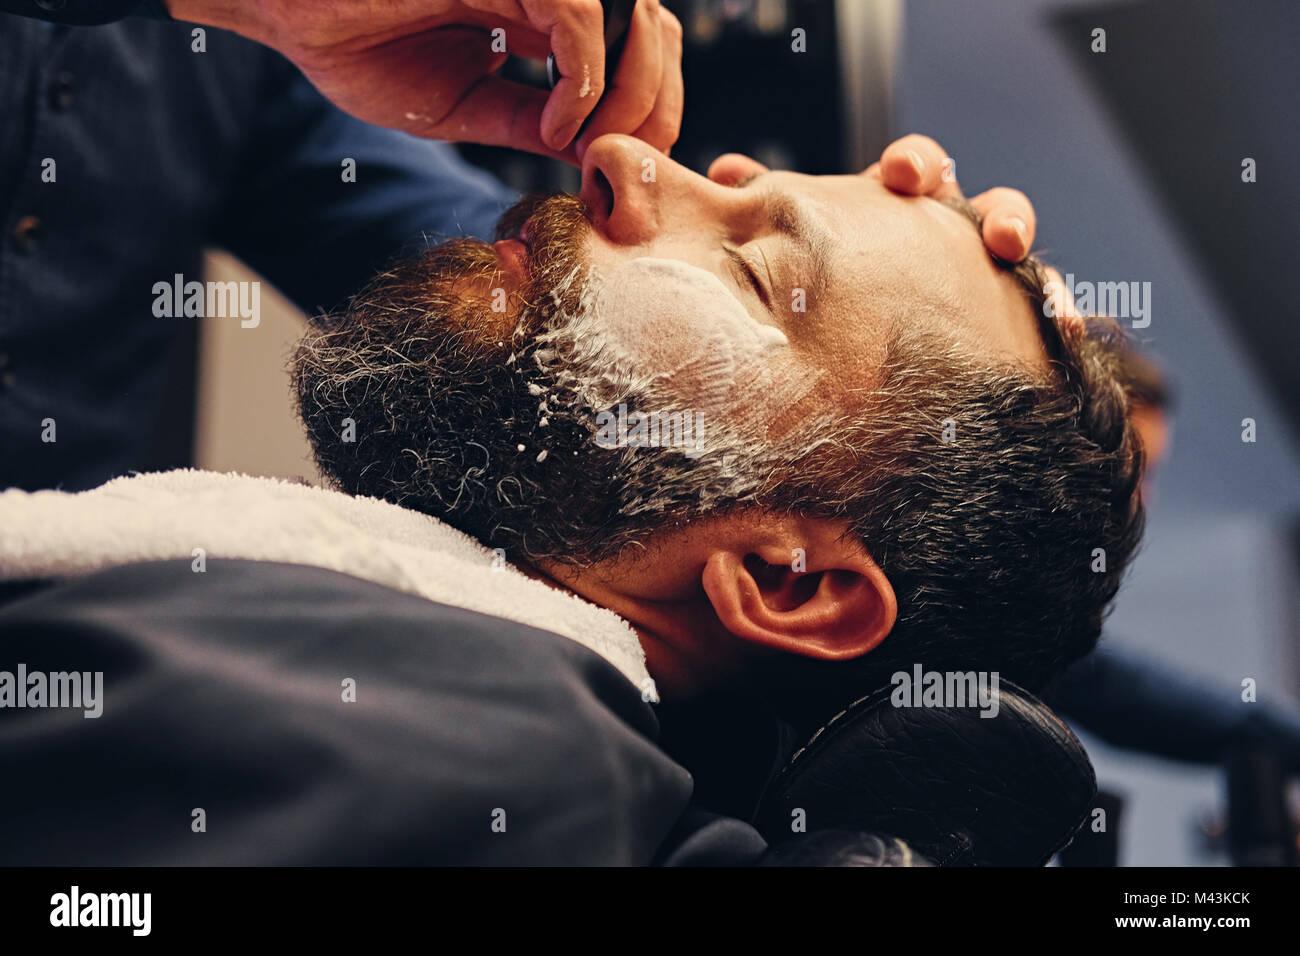 Cerrar imagen de Barber Imagen De Stock